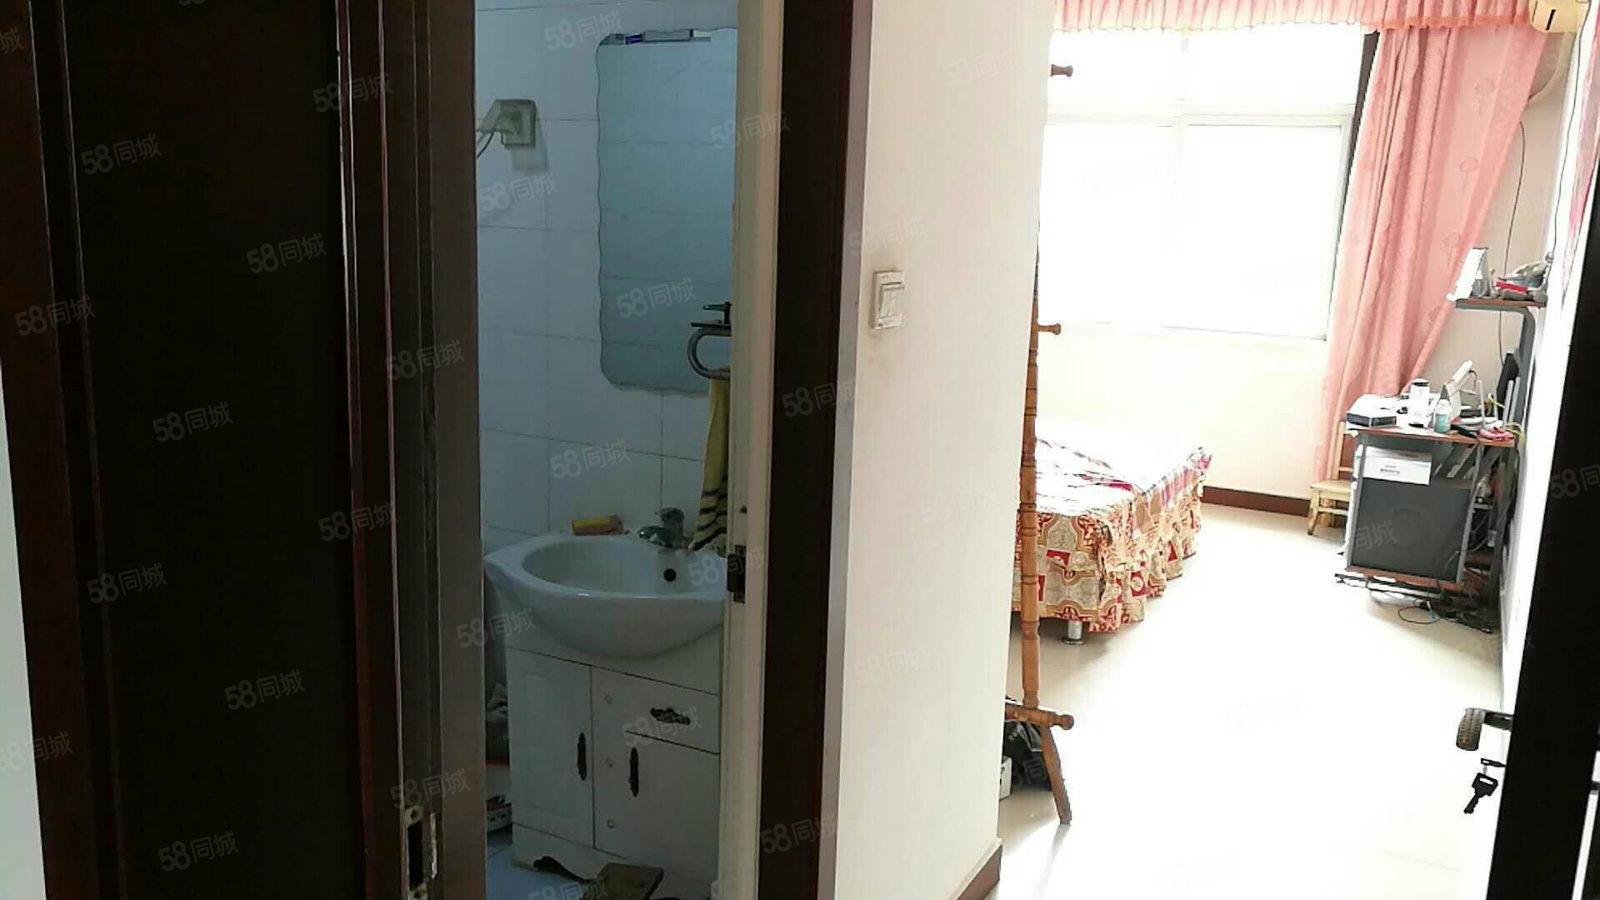 世纪家园繁华地段,95平中层四楼两室两厅一卫月租800元